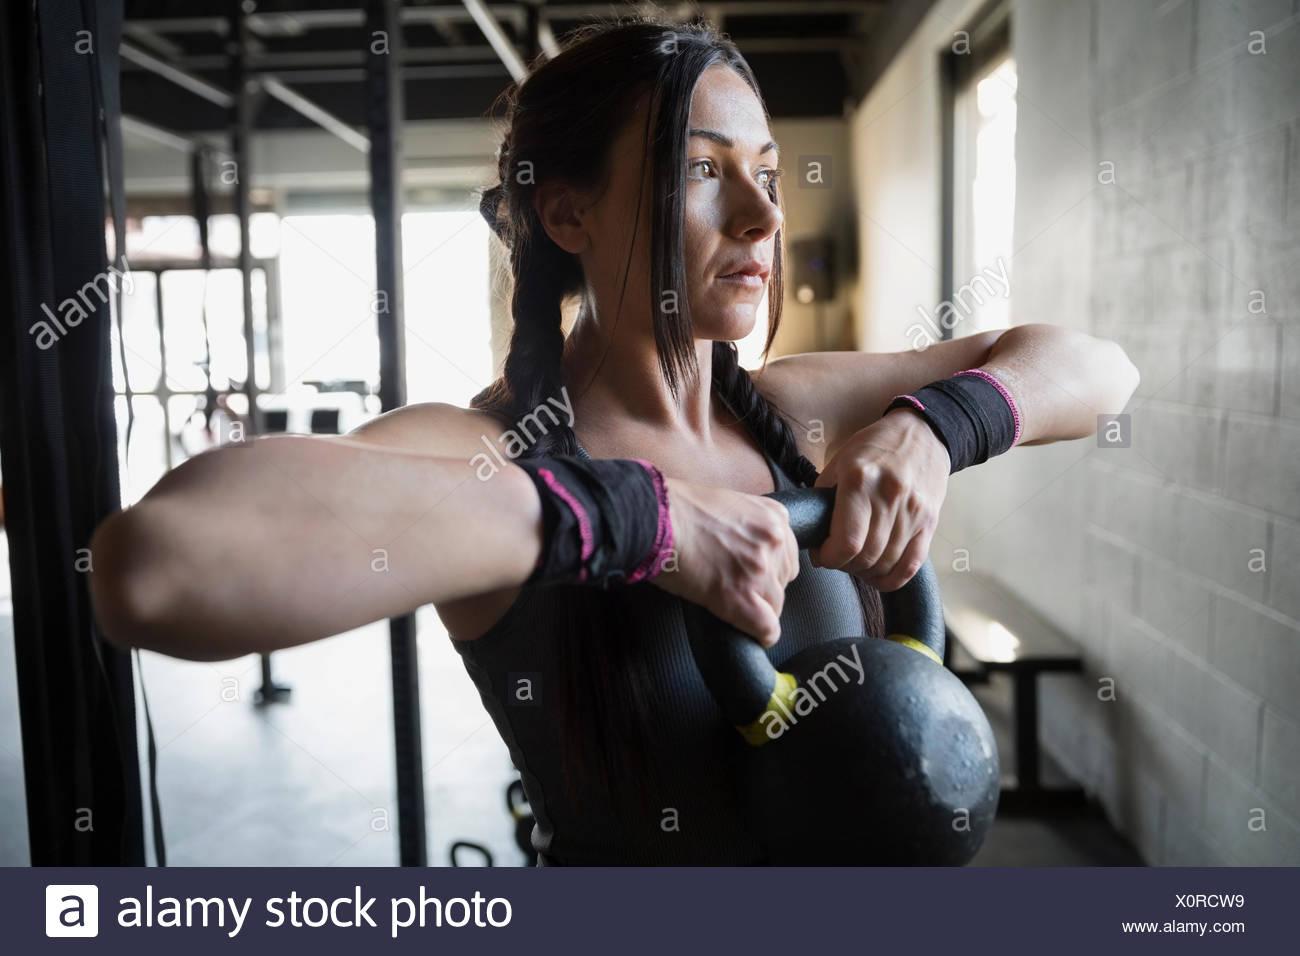 Mujer centrado con kettlebell pesas en el gimnasio Imagen De Stock